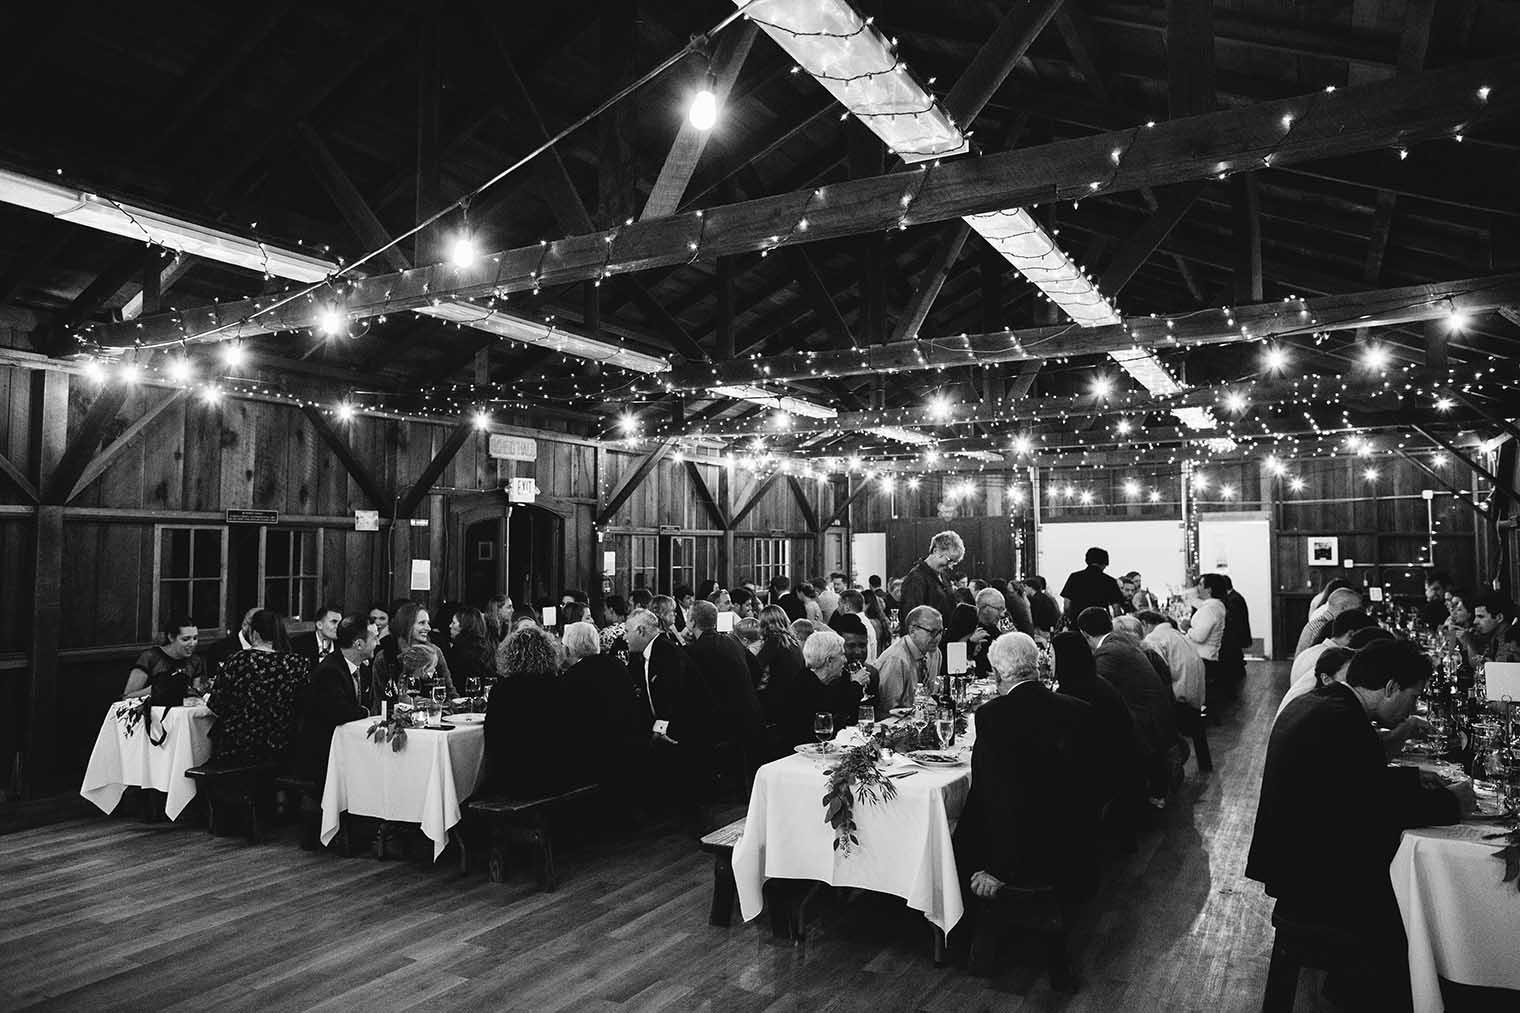 OVY Camp & Event Center Wedding Reception